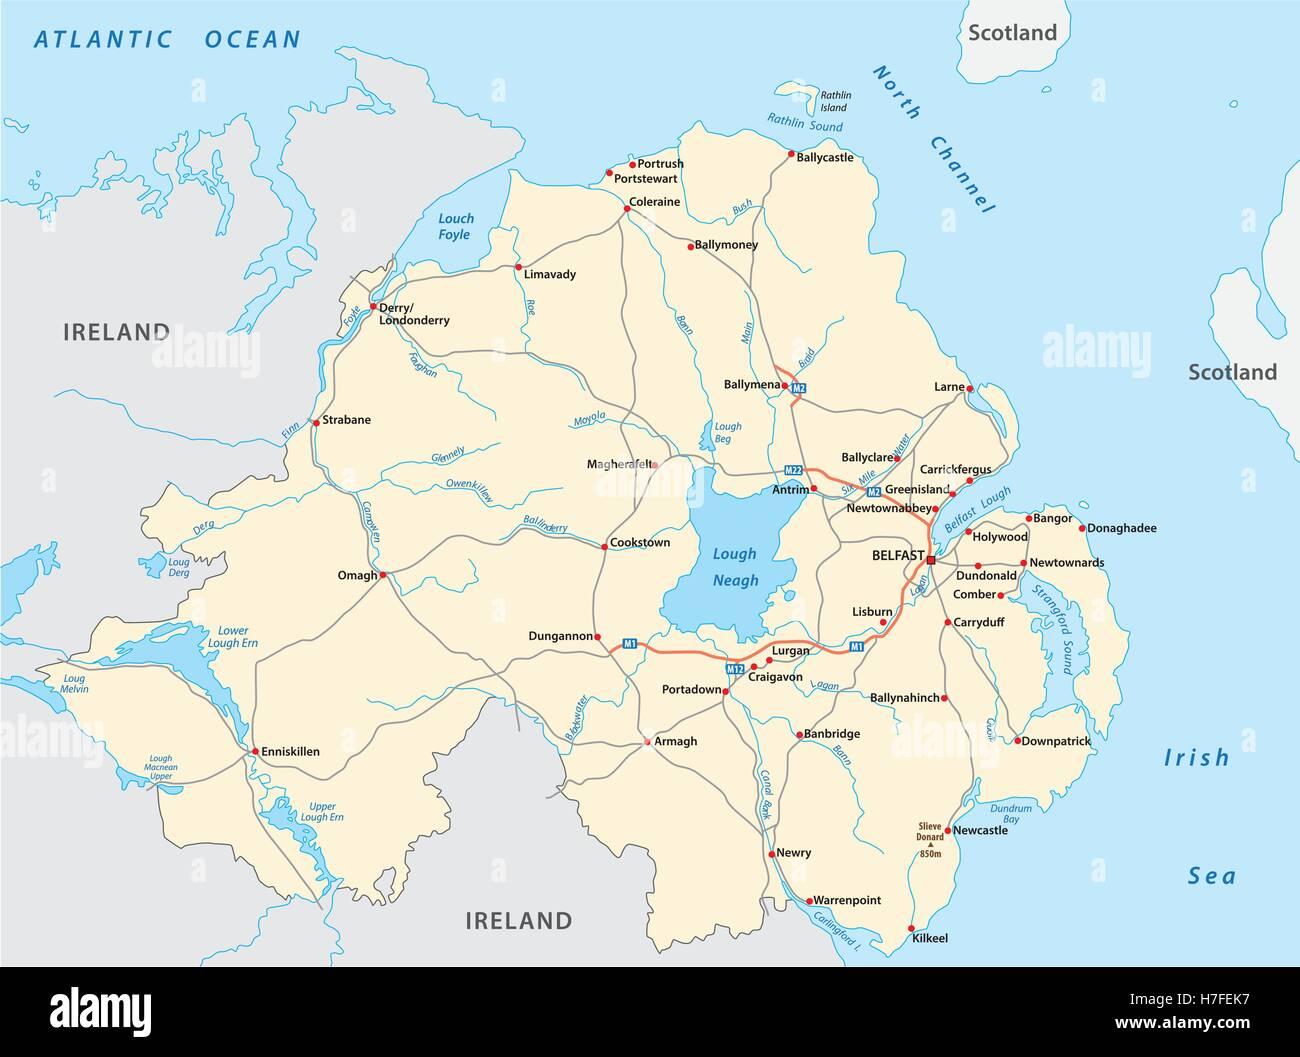 Cartina Geografica Dell Irlanda.Cartina Stradale Dettagliata Della Provincia Britannica Dell Irlanda Del Nord Immagine E Vettoriale Alamy